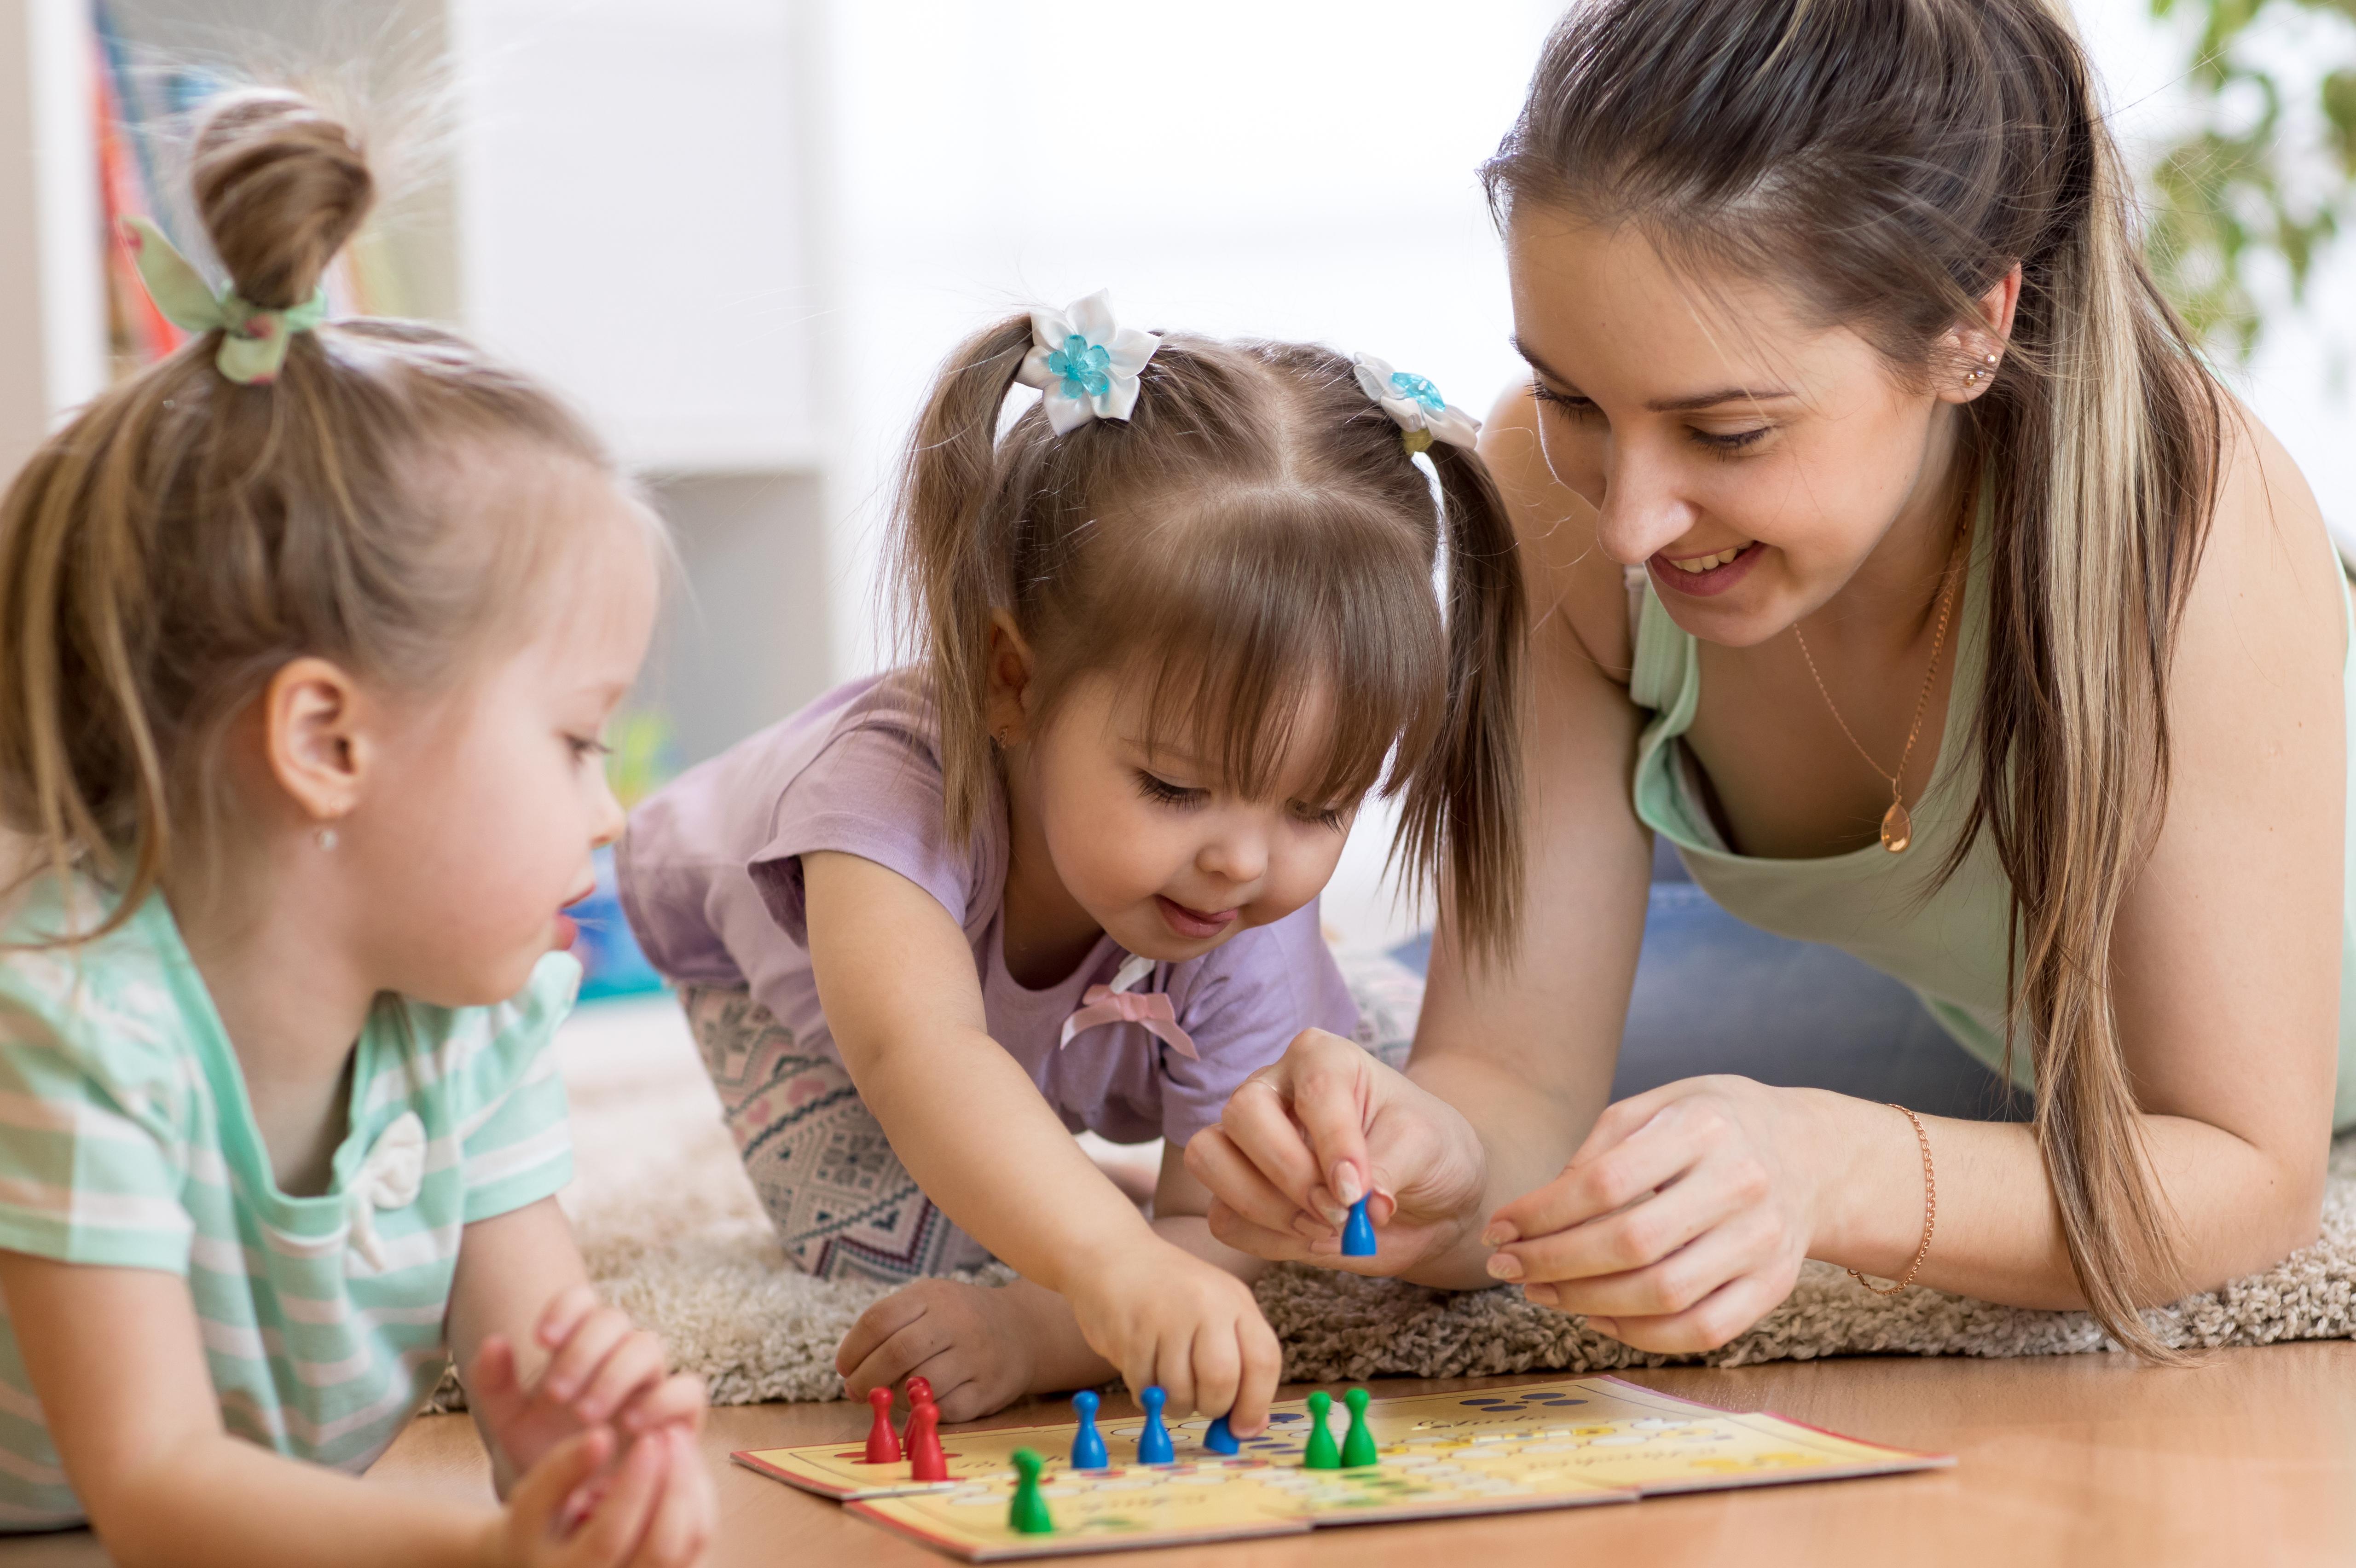 Gyerekek társasjátékoznak az anyukájukkal